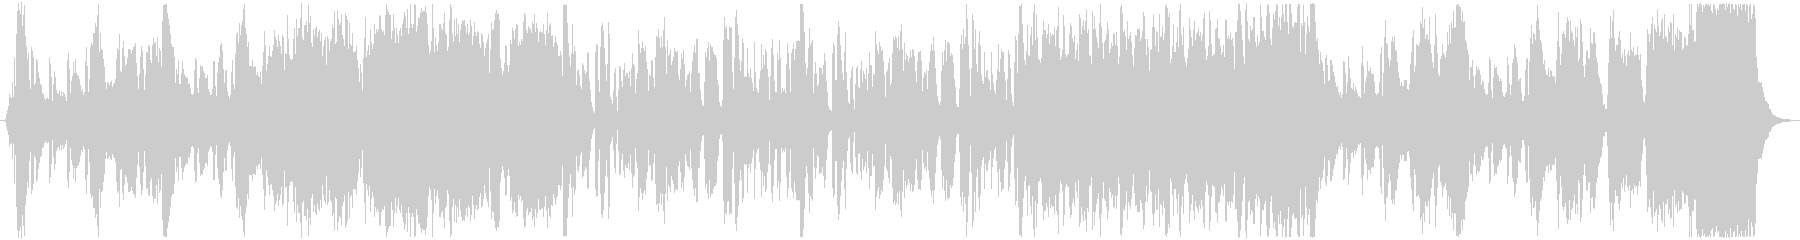 ファンファーレが印象的なオーケストラの未再生の波形